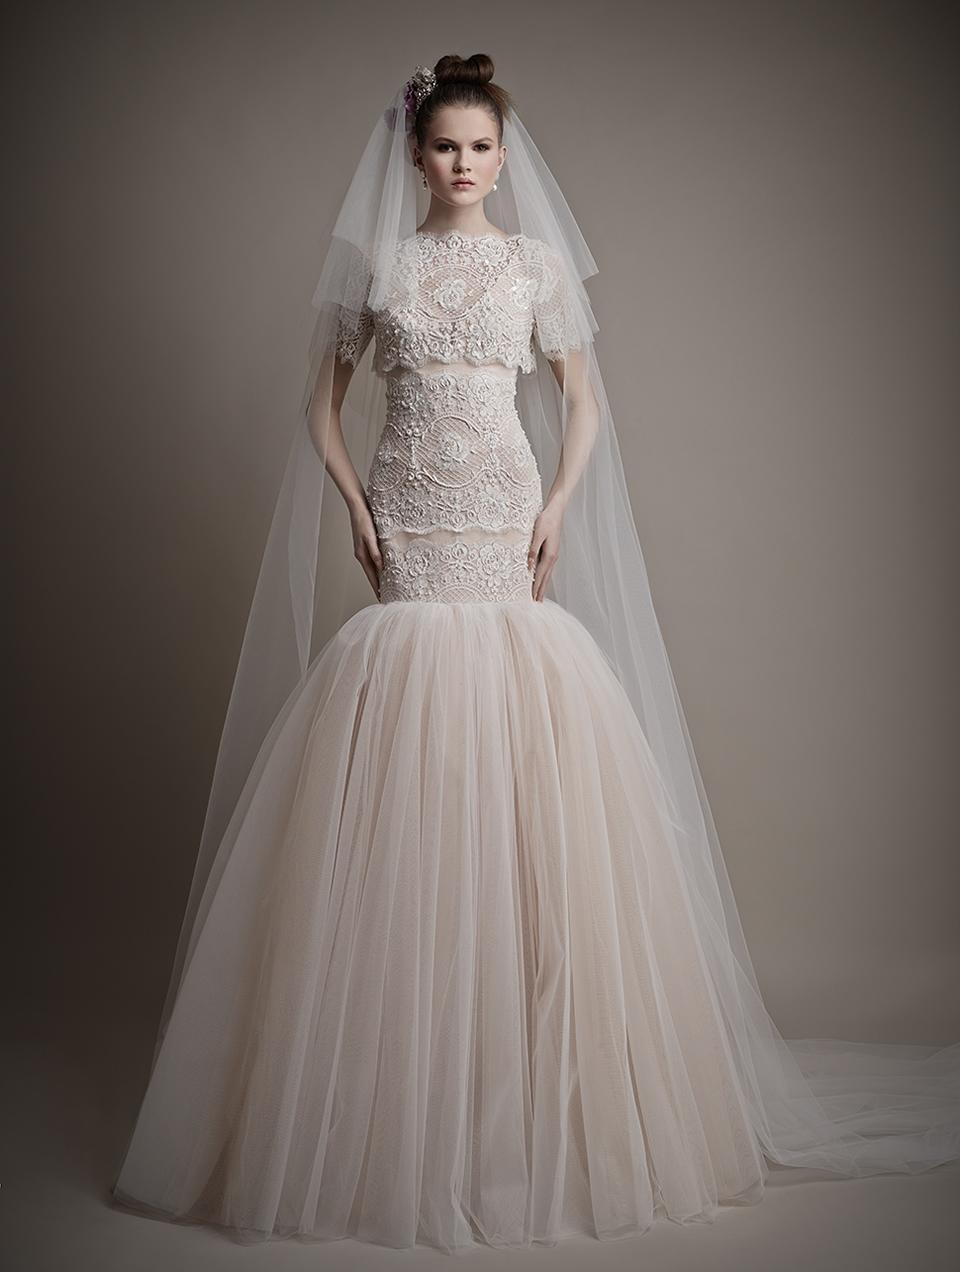 Коллекция свадебных платьев 2015 года от Ersa Atelier20